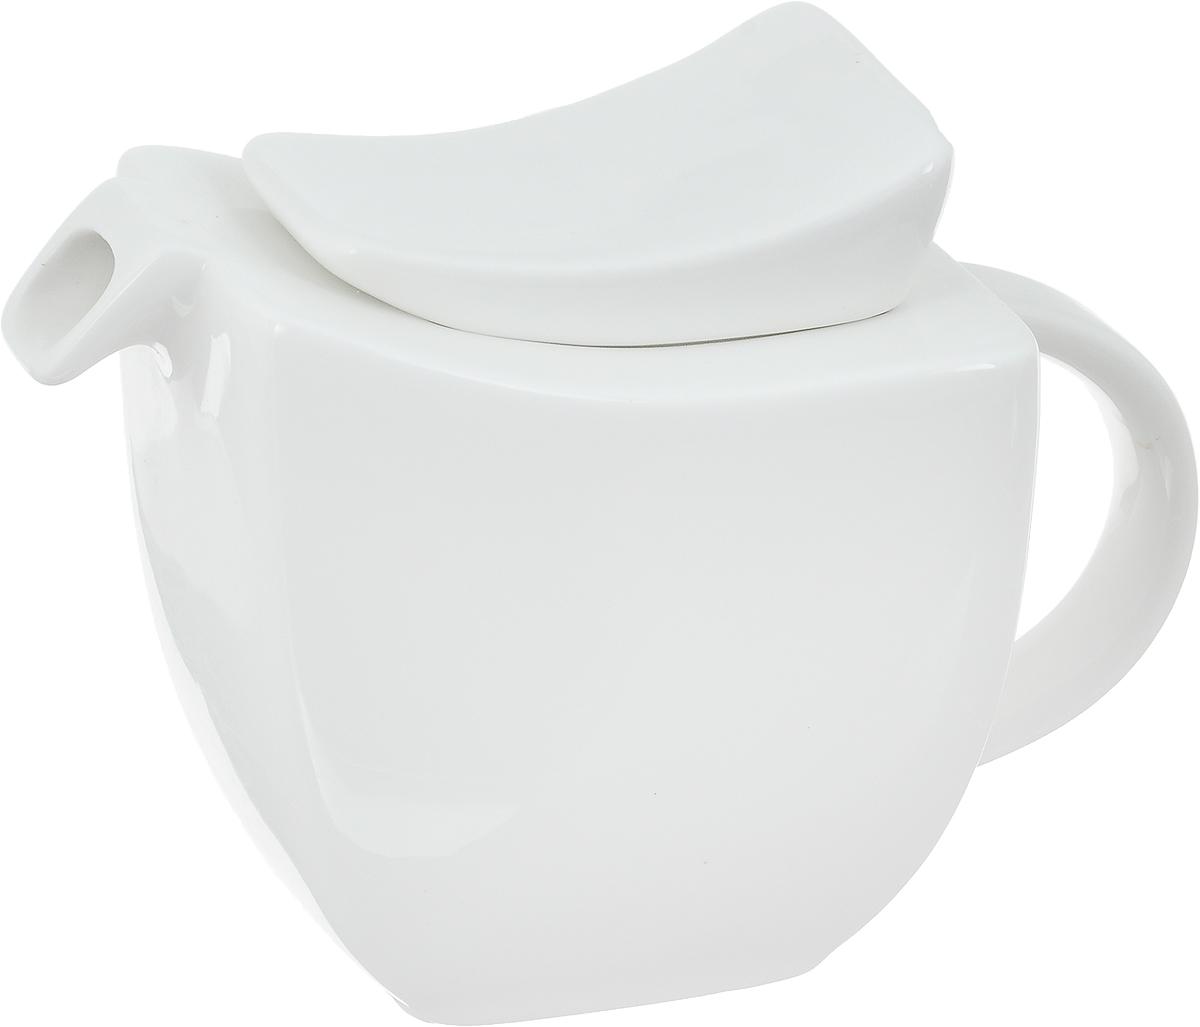 Чайник заварочный Ariane Rectangle, 400 млM1923-16Заварочный чайник Ariane Rectangle изготовлен из высококачественного фарфора. Глазурованное покрытие обеспечивает легкую очистку. Изделие прекрасно подходит для заваривания вкусного и ароматного чая, а также травяных настоев. Оригинальный дизайн сделает чайник настоящим украшением стола. Он удобен в использовании и понравится каждому.Можно мыть в посудомоечной машине и использовать в микроволновой печи. Размер чайника (по верхнему краю): 8,5 х 10,5 см. Высота чайника (без учета крышки): 9 см. Высота чайника (с учетом крышки): 12 см.